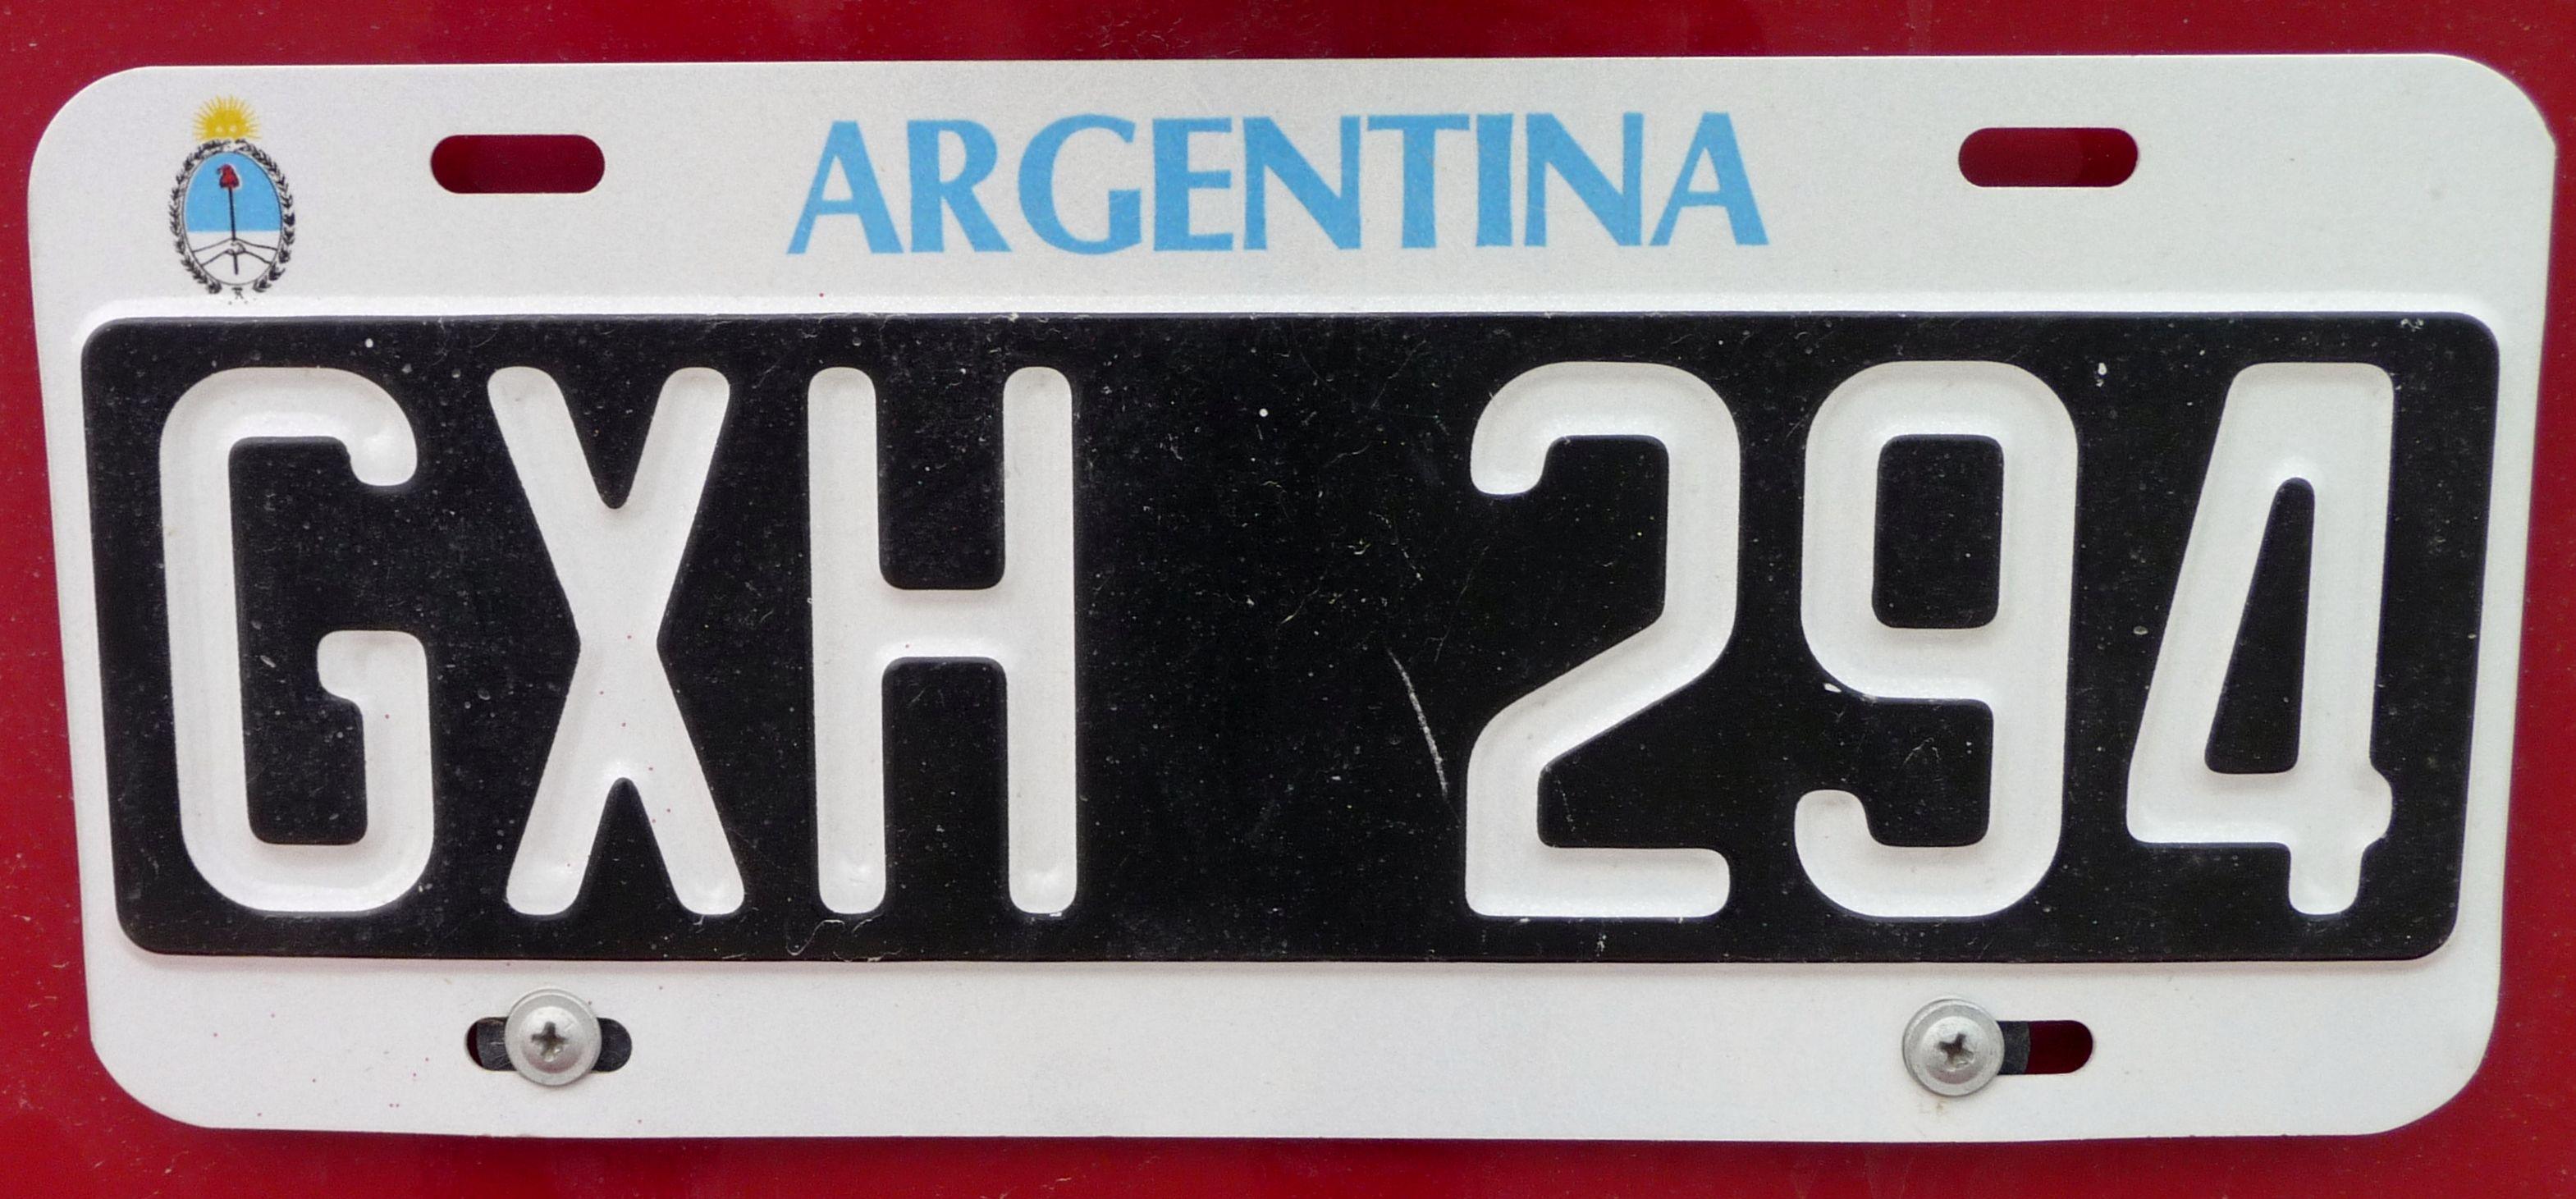 Argentina Auto Argentina Santos Futebol Clube